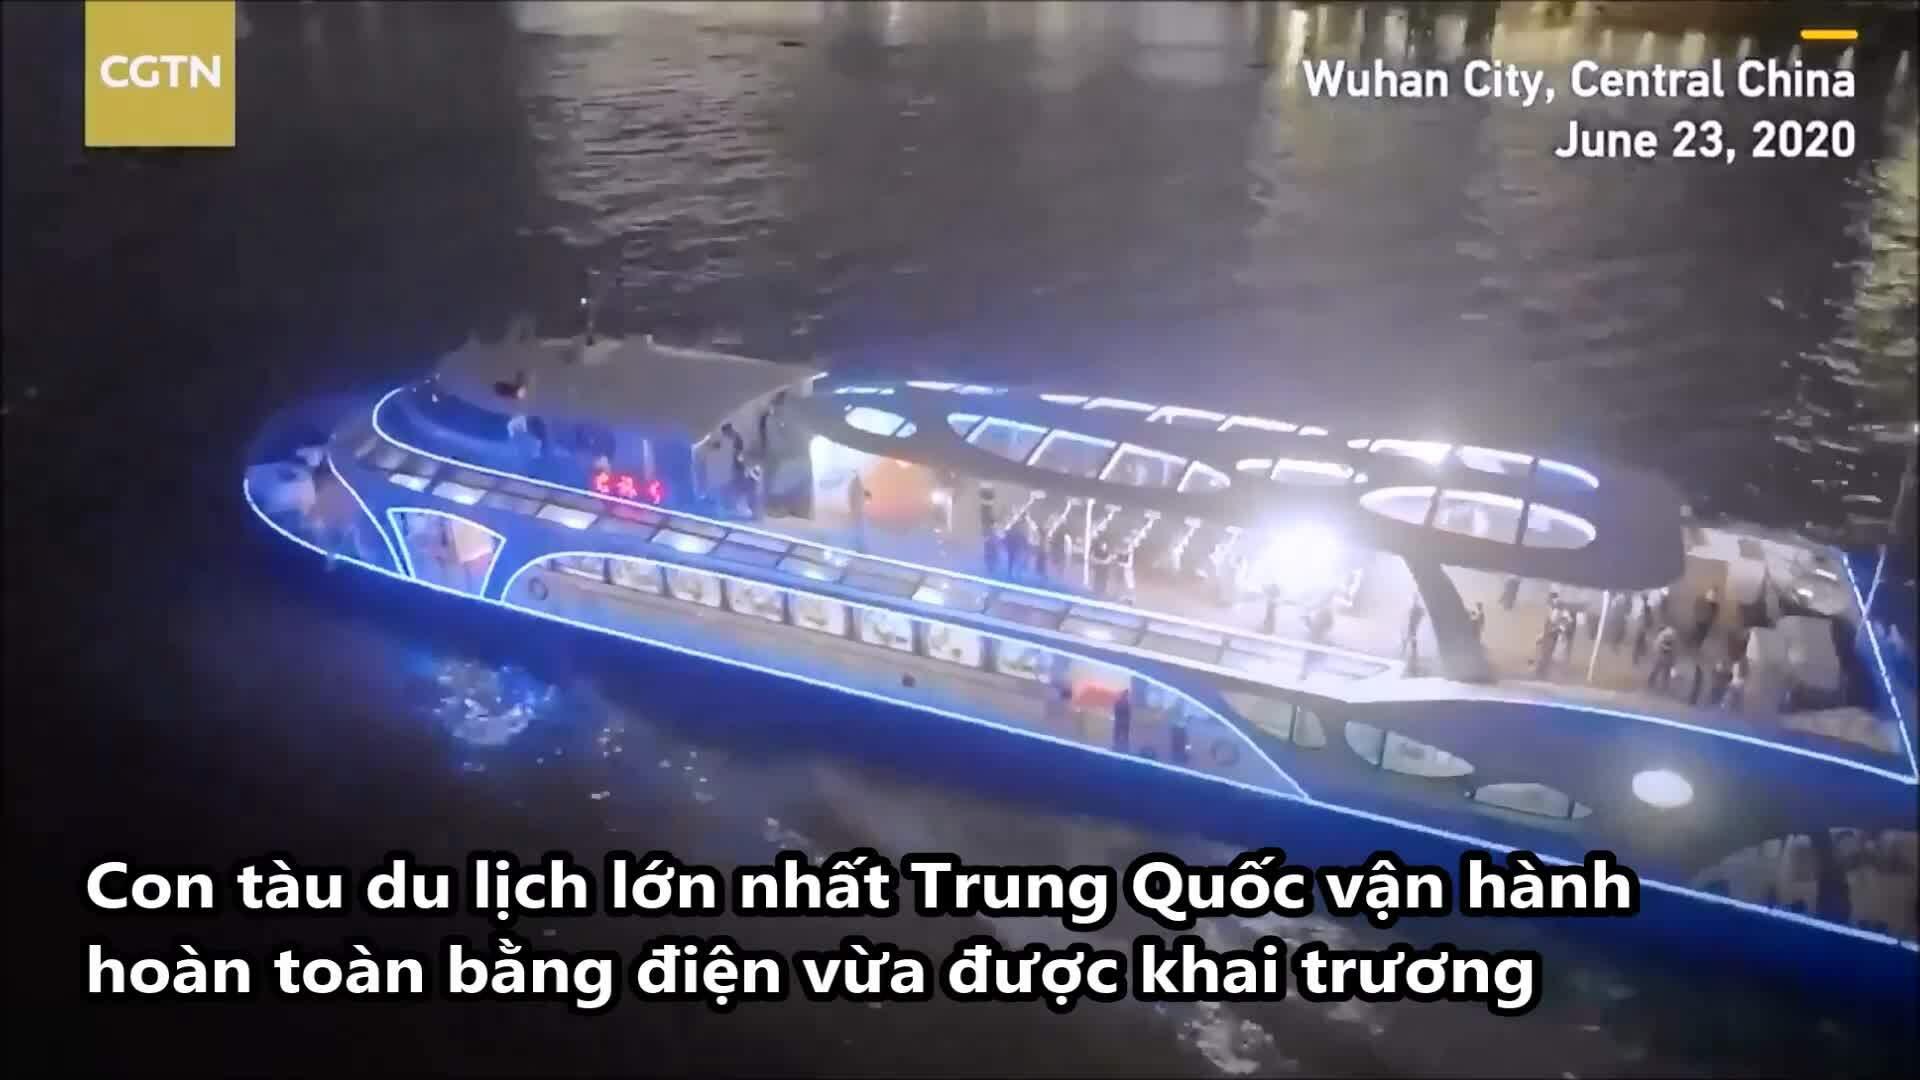 Tàu du lịch sạc pin chạy thử ở Vũ Hán